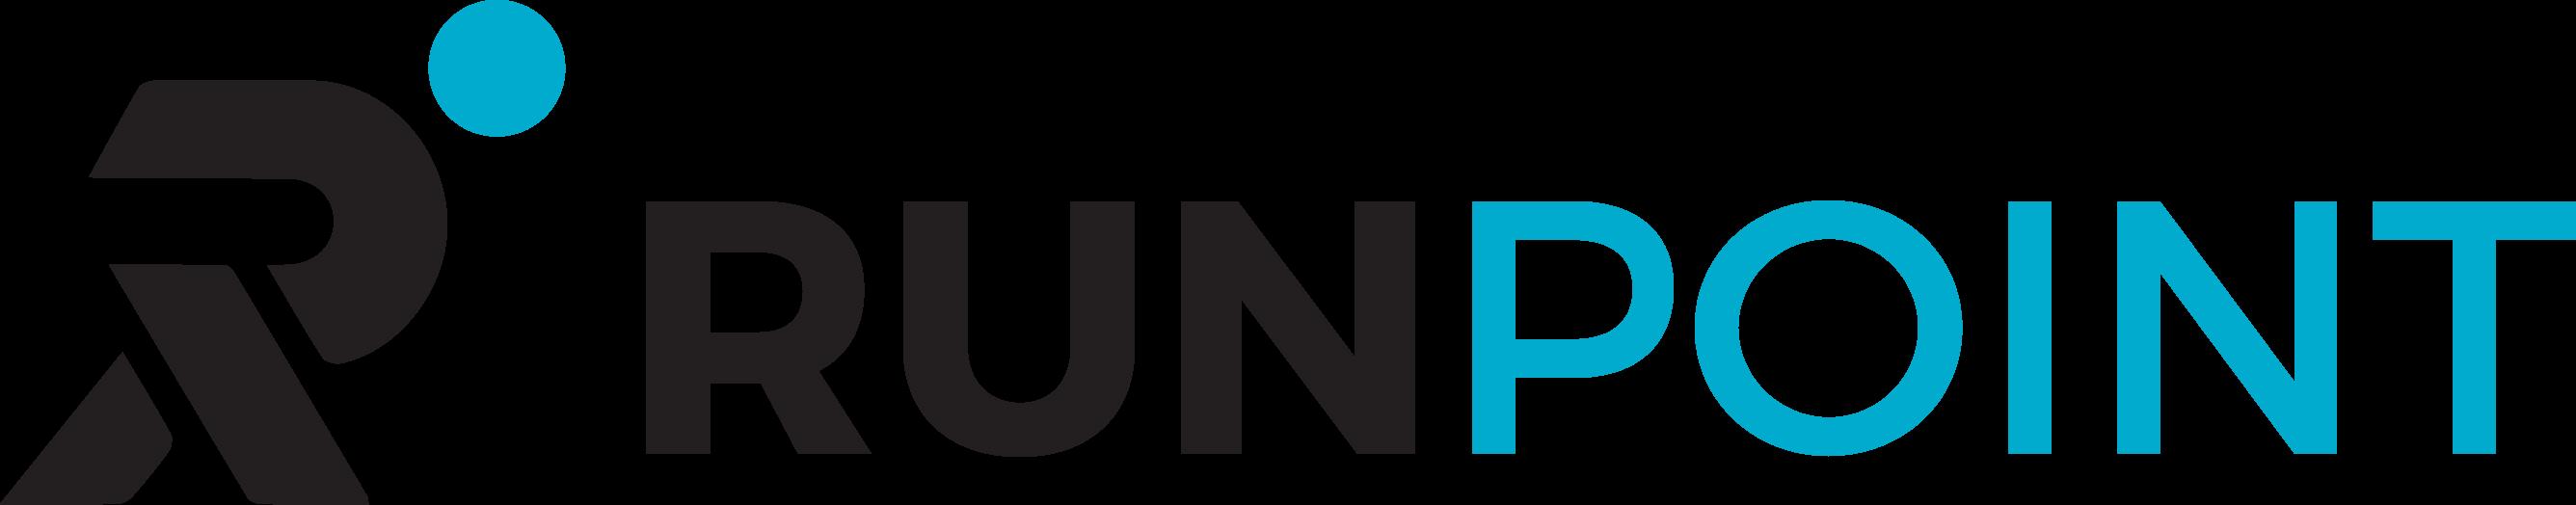 Runpoint.cz